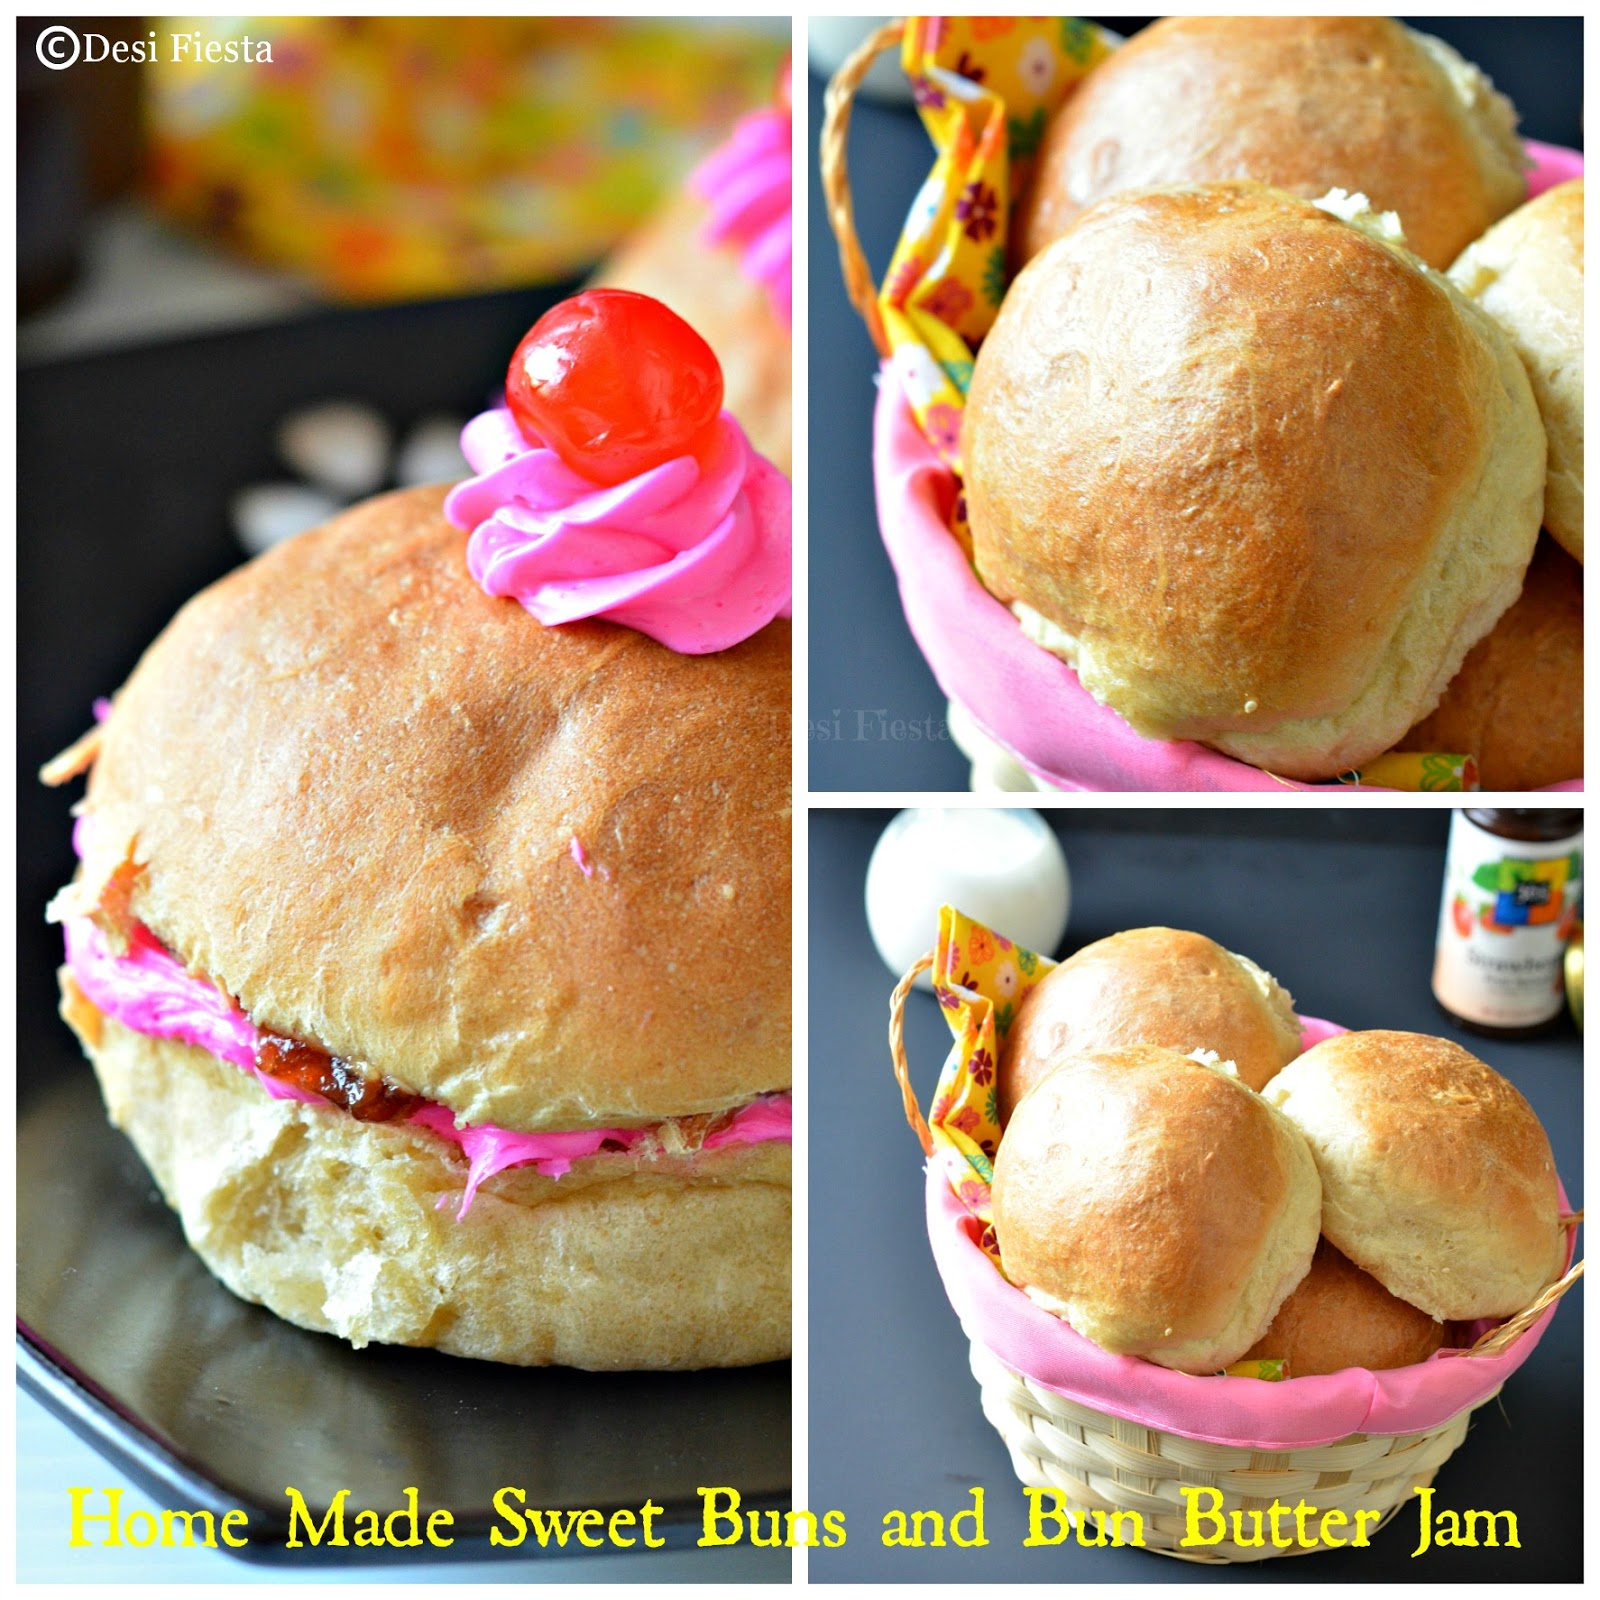 Buns and bun butter jam